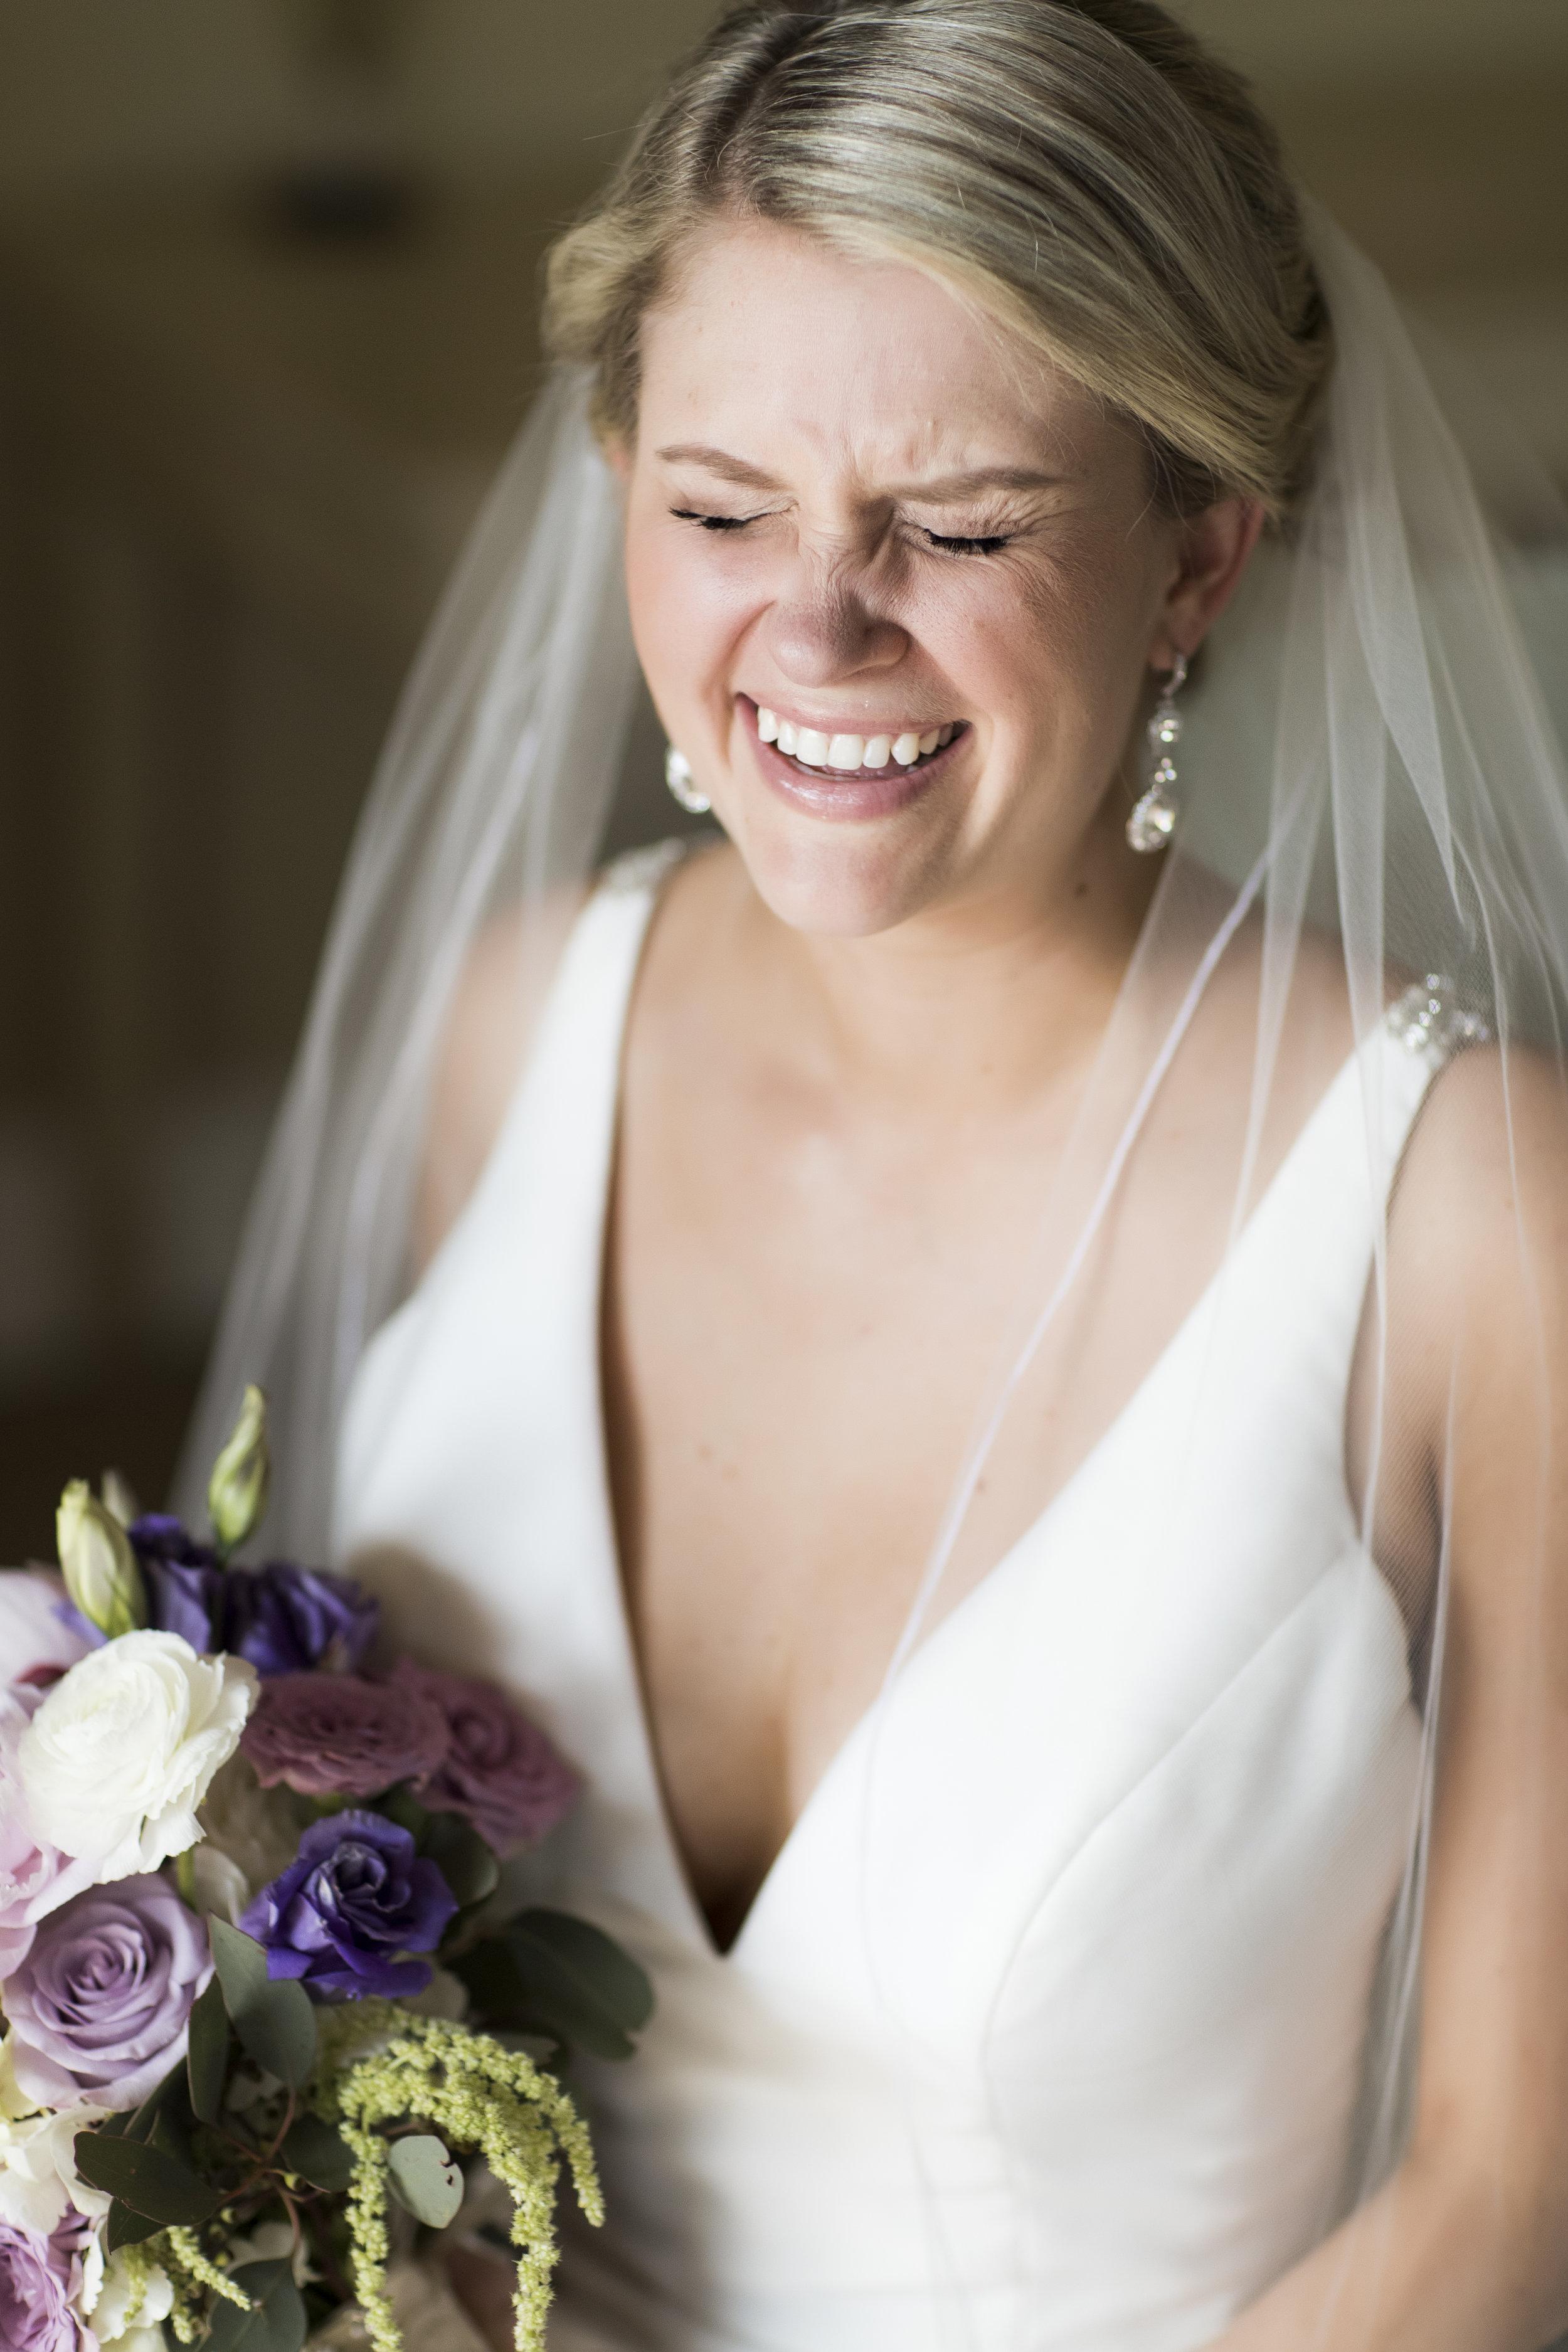 Megan K Event Bride Giggling